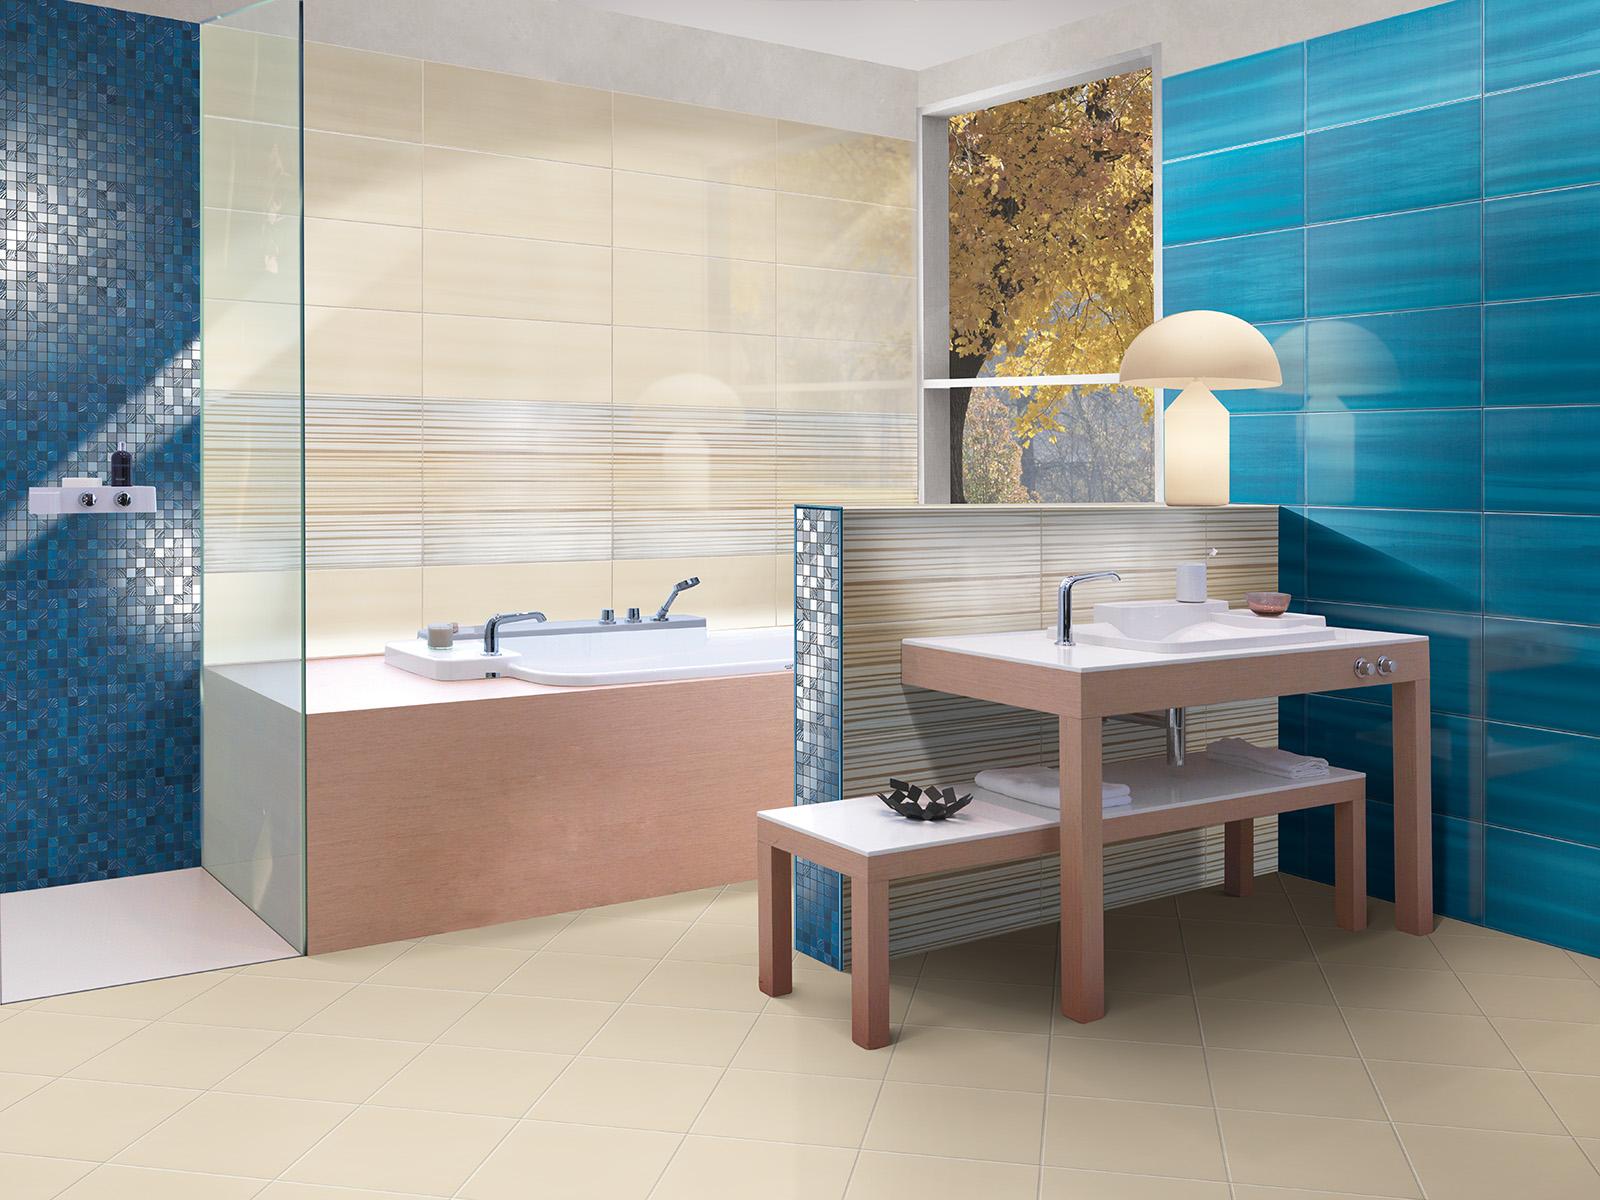 Paul ceramiche vangeli giuseppe arredo bagno a milano via donatello 11 interior design - Ceramiche bagno prezzi ...